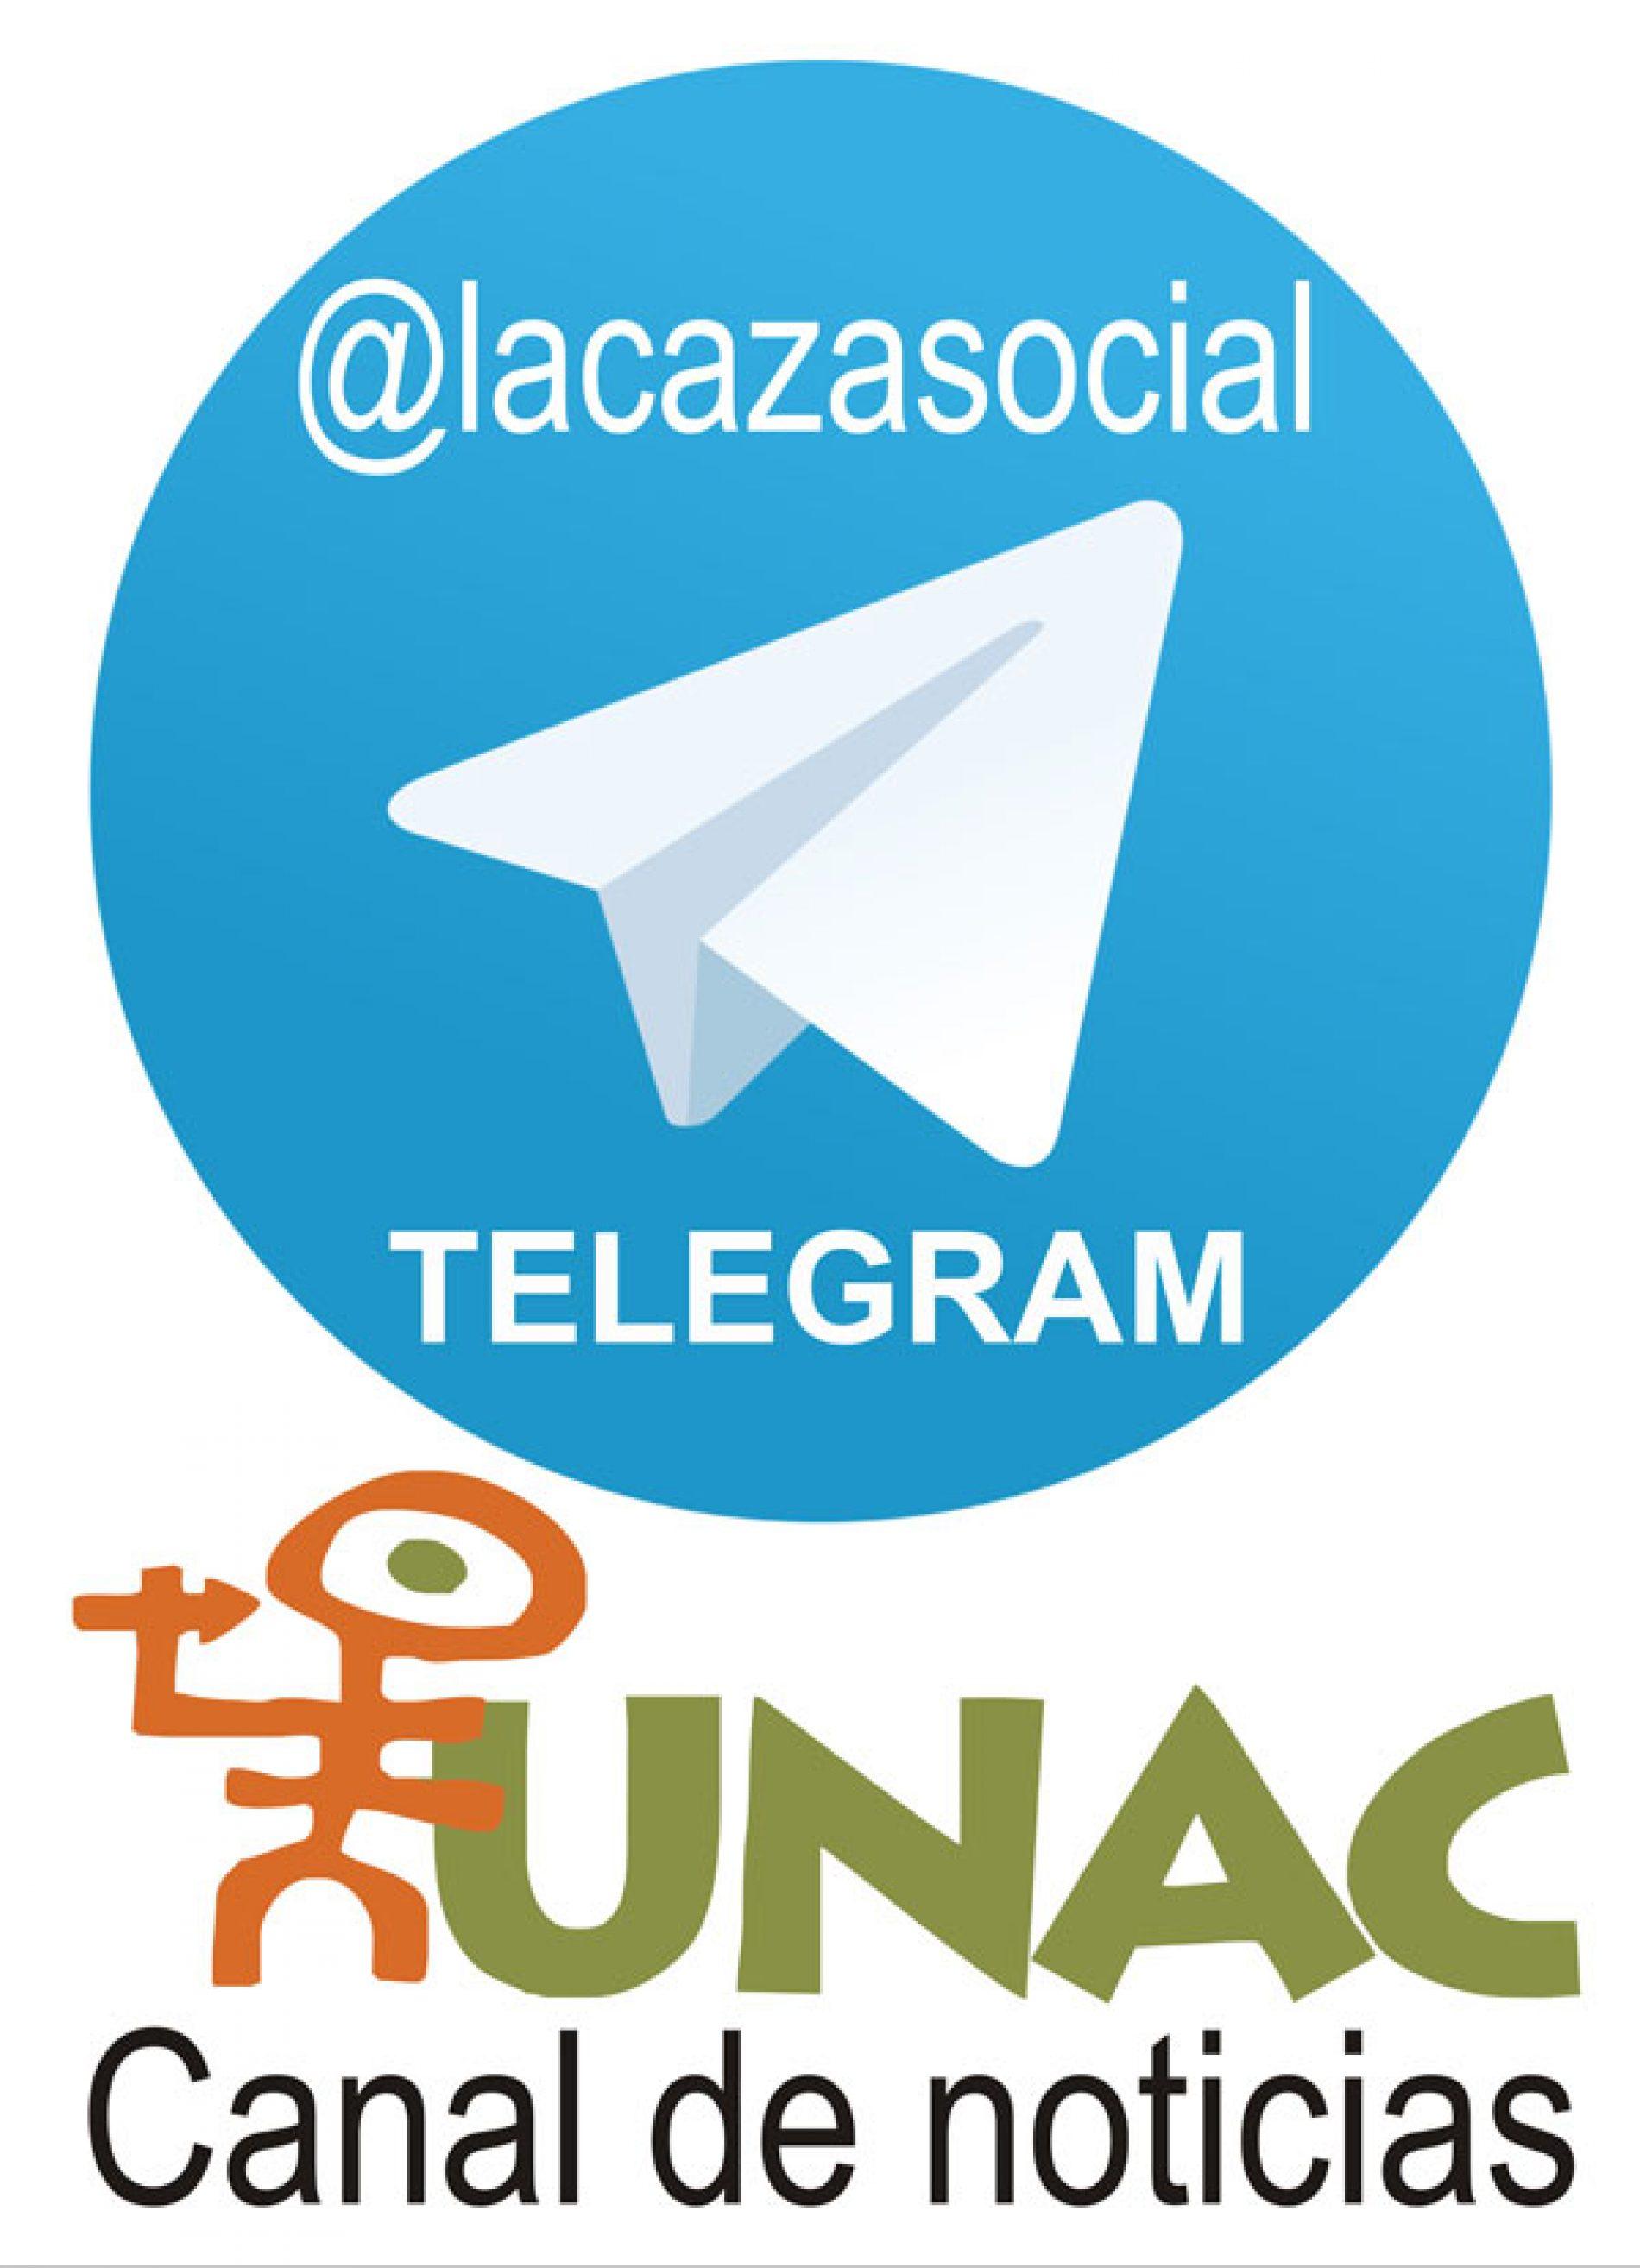 La UNAC lanza su Canal público de noticias en TELEGRAM